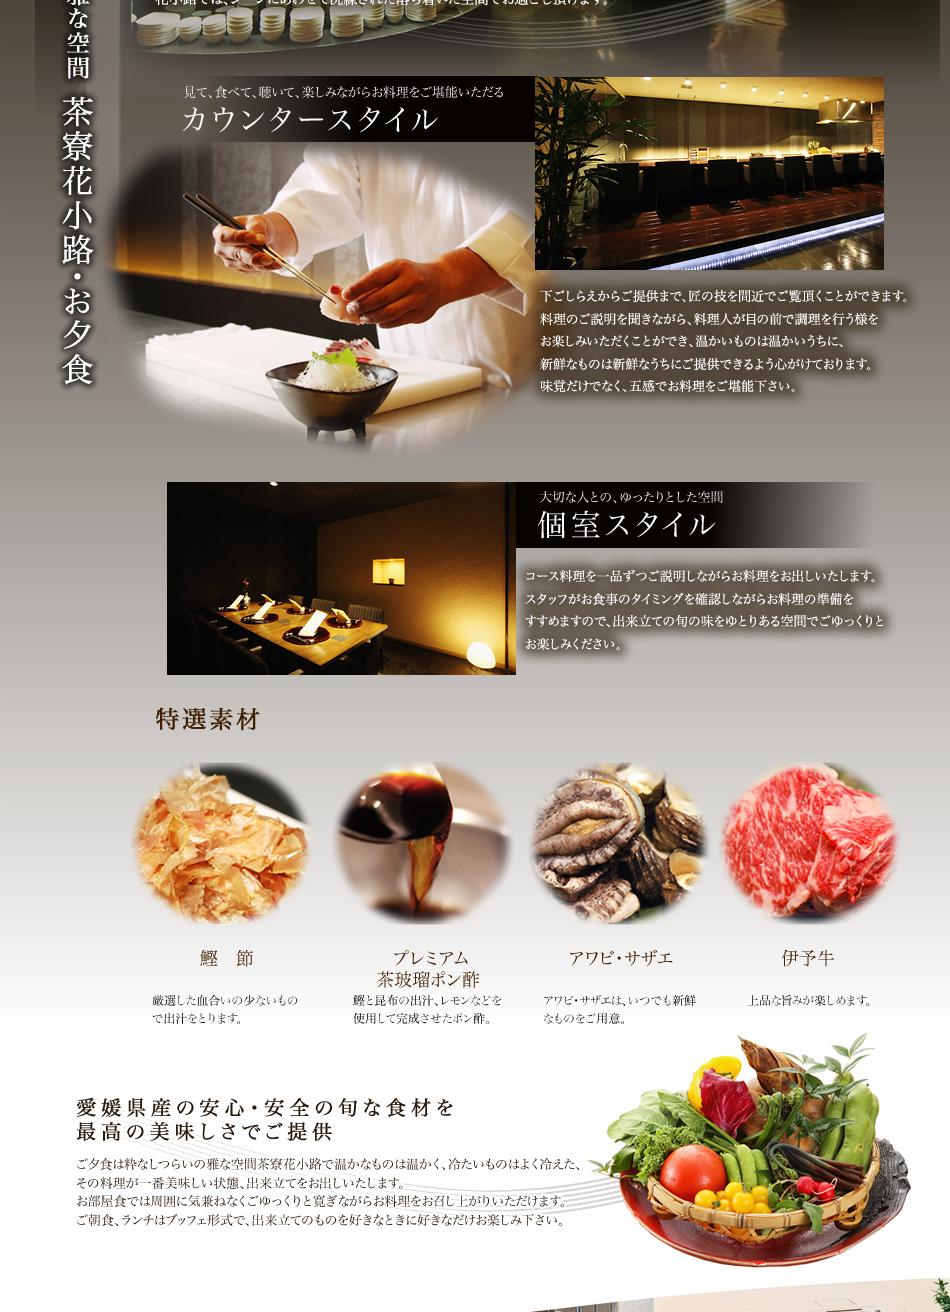 愛媛県産の安心・安全の旬な食材を最高の美味しさでご提供